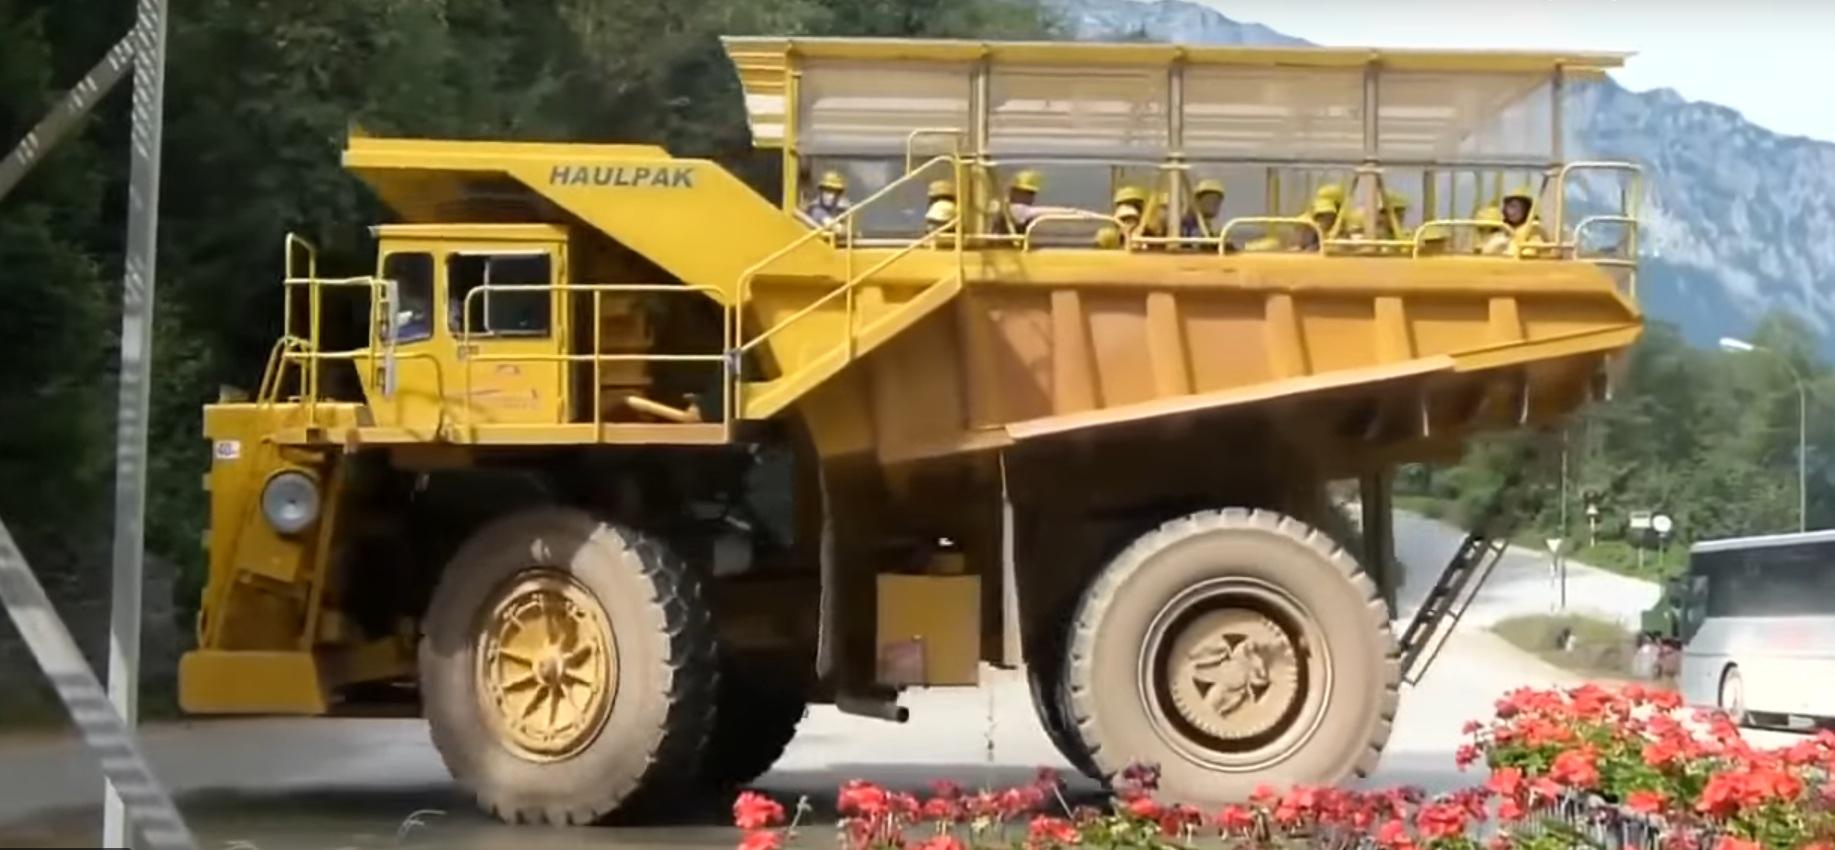 Как выглядит самая большая в мире маршрутка весом 75 тонн